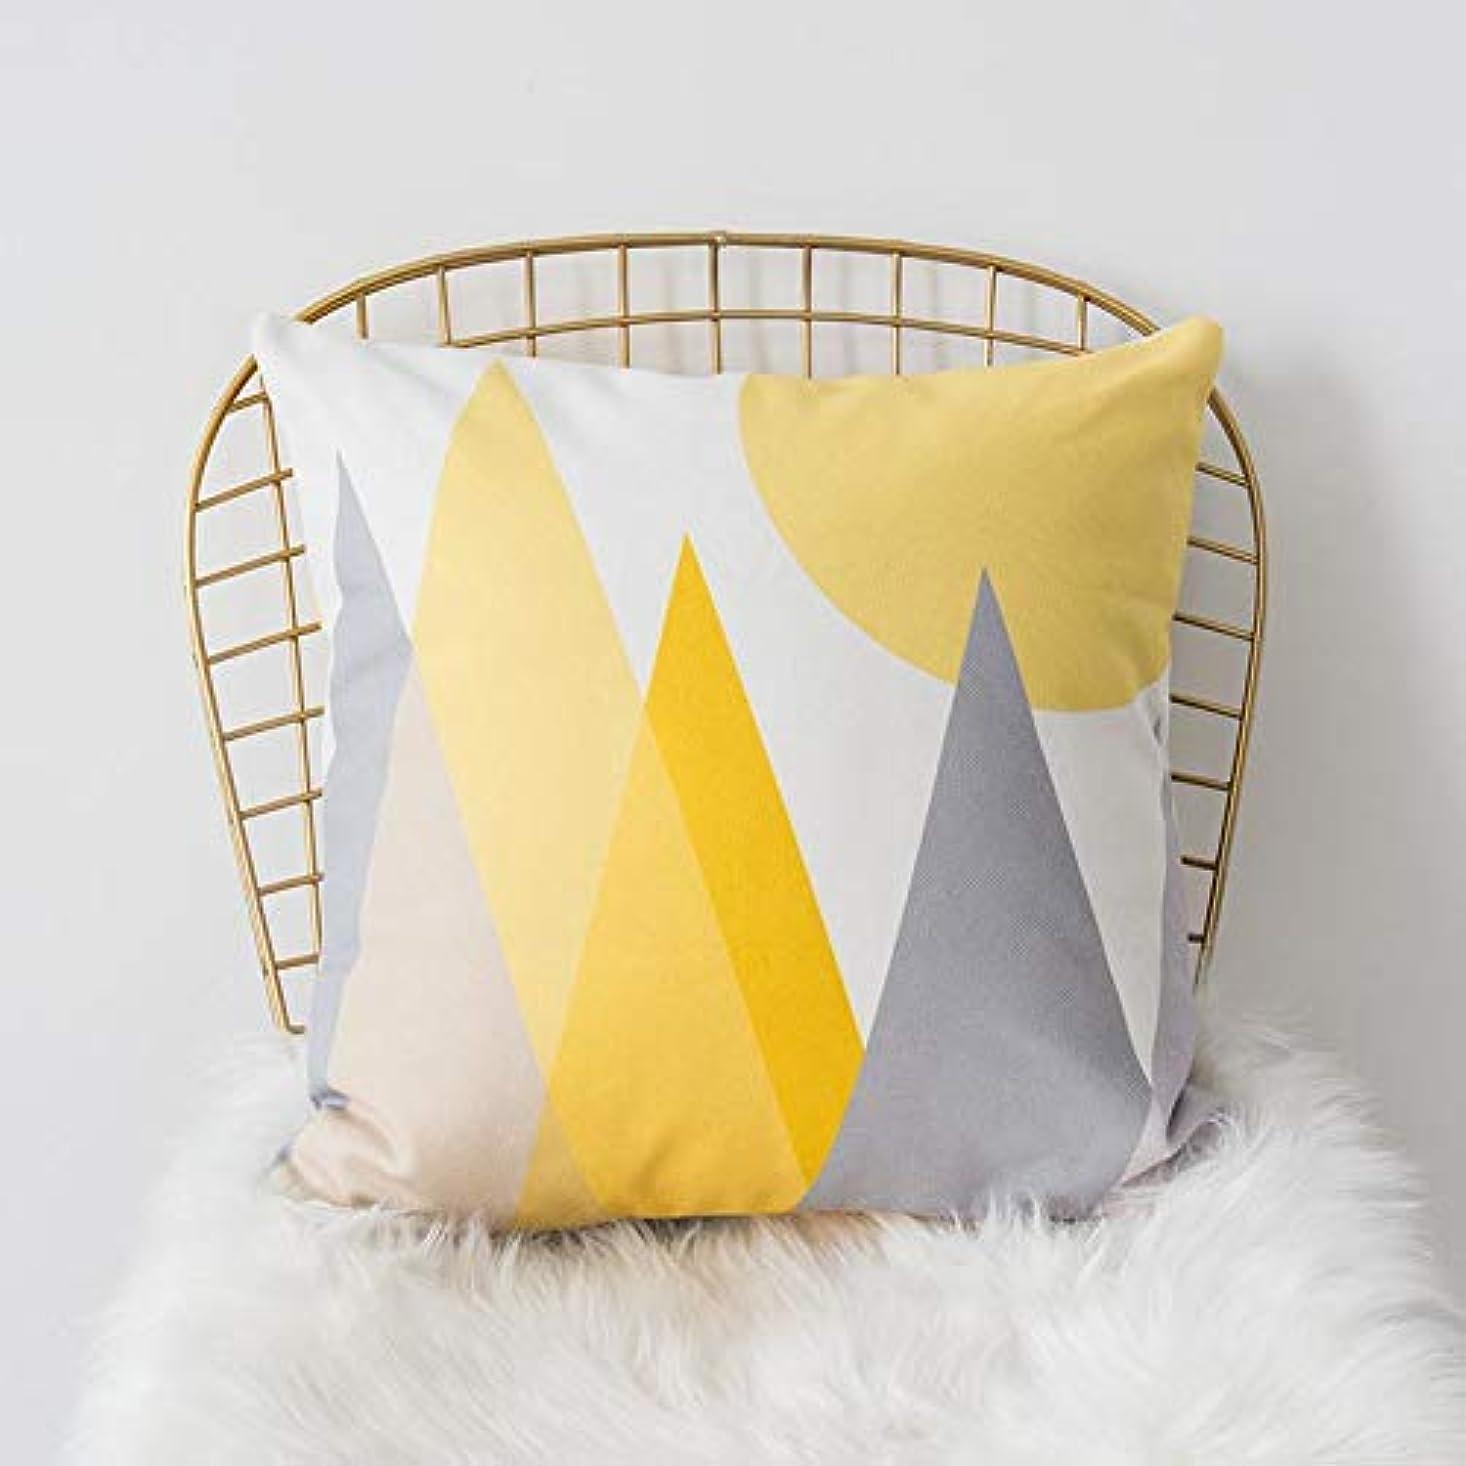 害プレビスサイト栄養LIFE 黄色グレー枕北欧スタイル黄色ヘラジカ幾何枕リビングルームのインテリアソファクッション Cojines 装飾良質 クッション 椅子